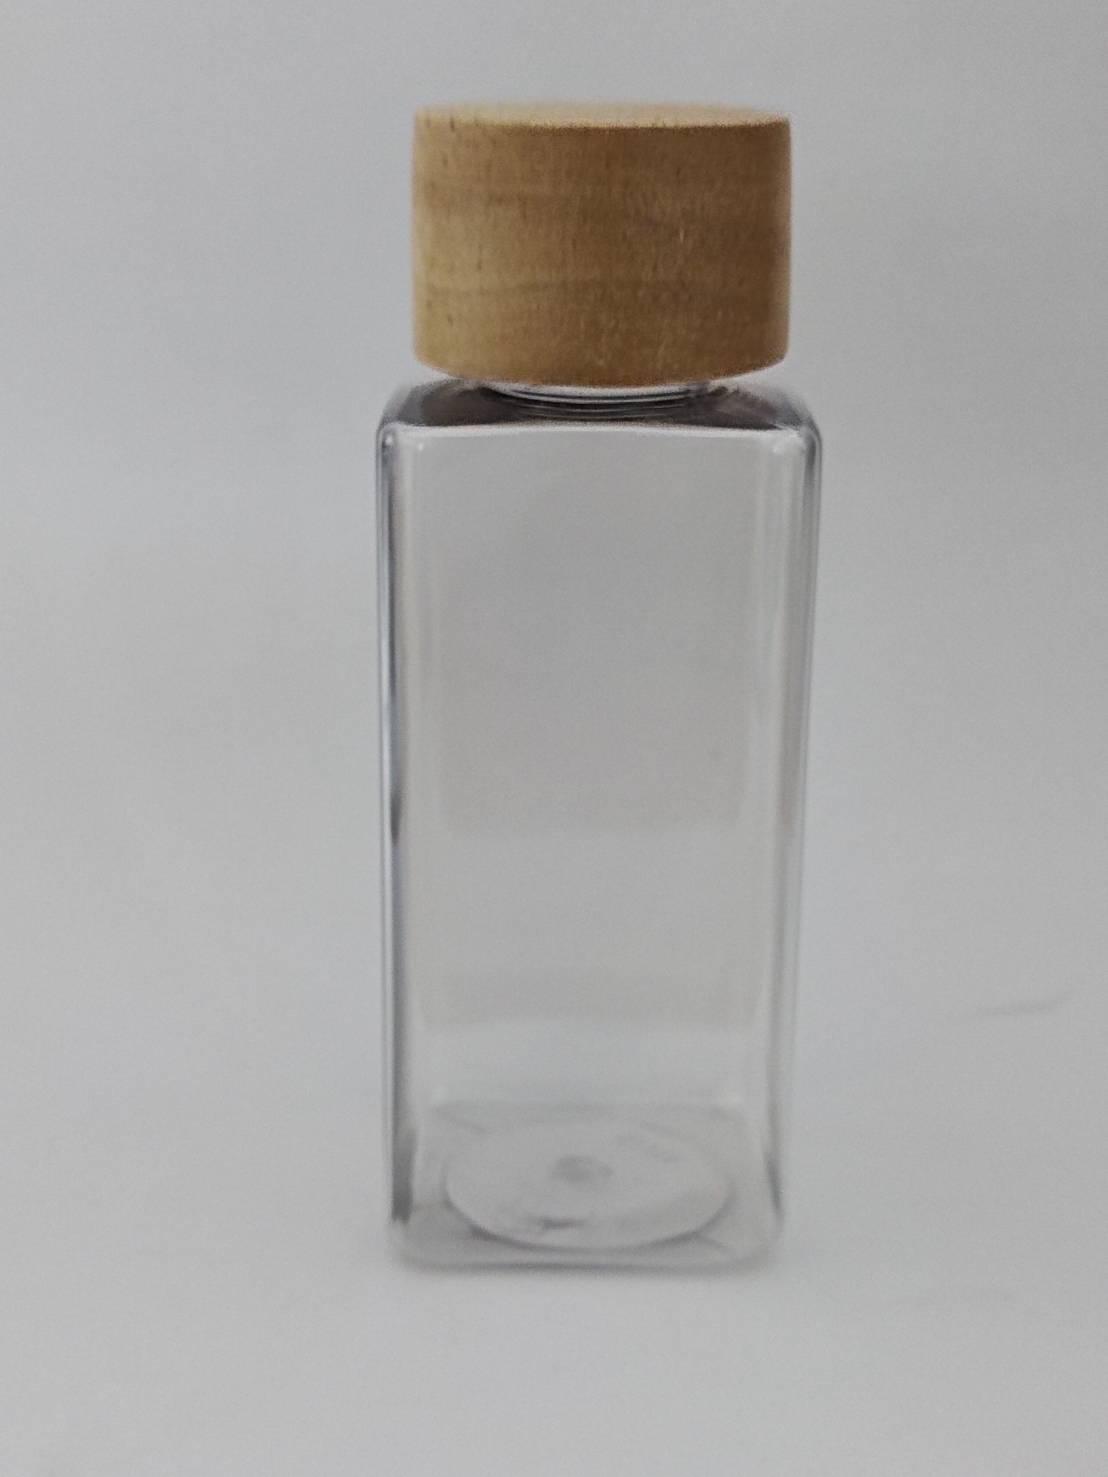 ขวดใสทรงเหลี่ยม +ฝาเกลียวลายไม้  150 ml.